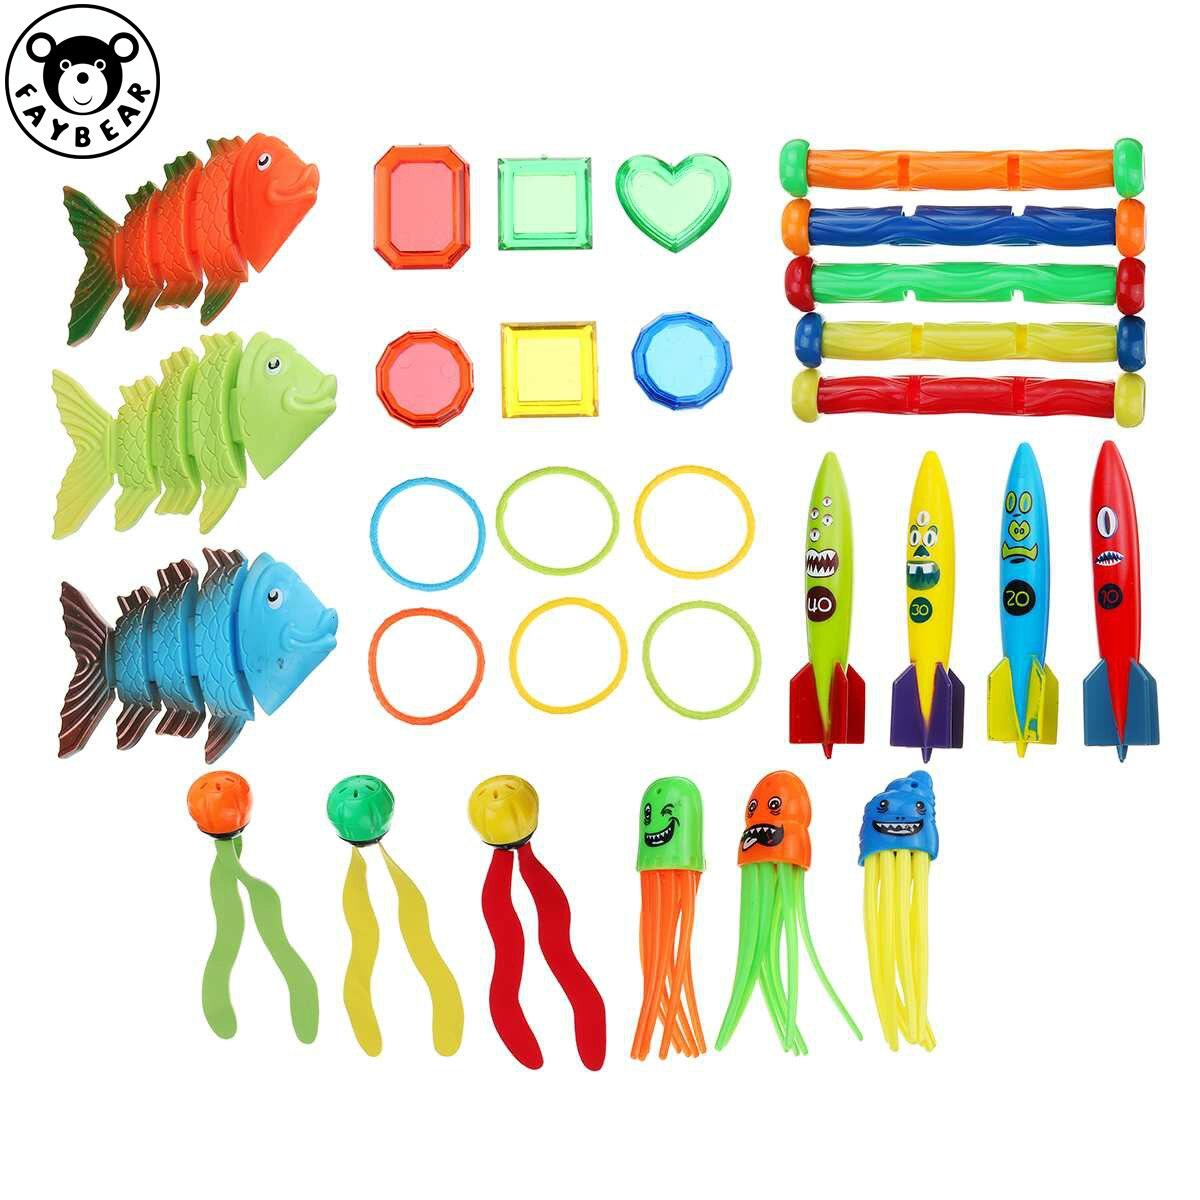 Летние игрушки для плавания в бассейне, подводные палочки для дайвинга, пляжные игрушки, водные виды спорта, игры, игрушки для детей, кольца